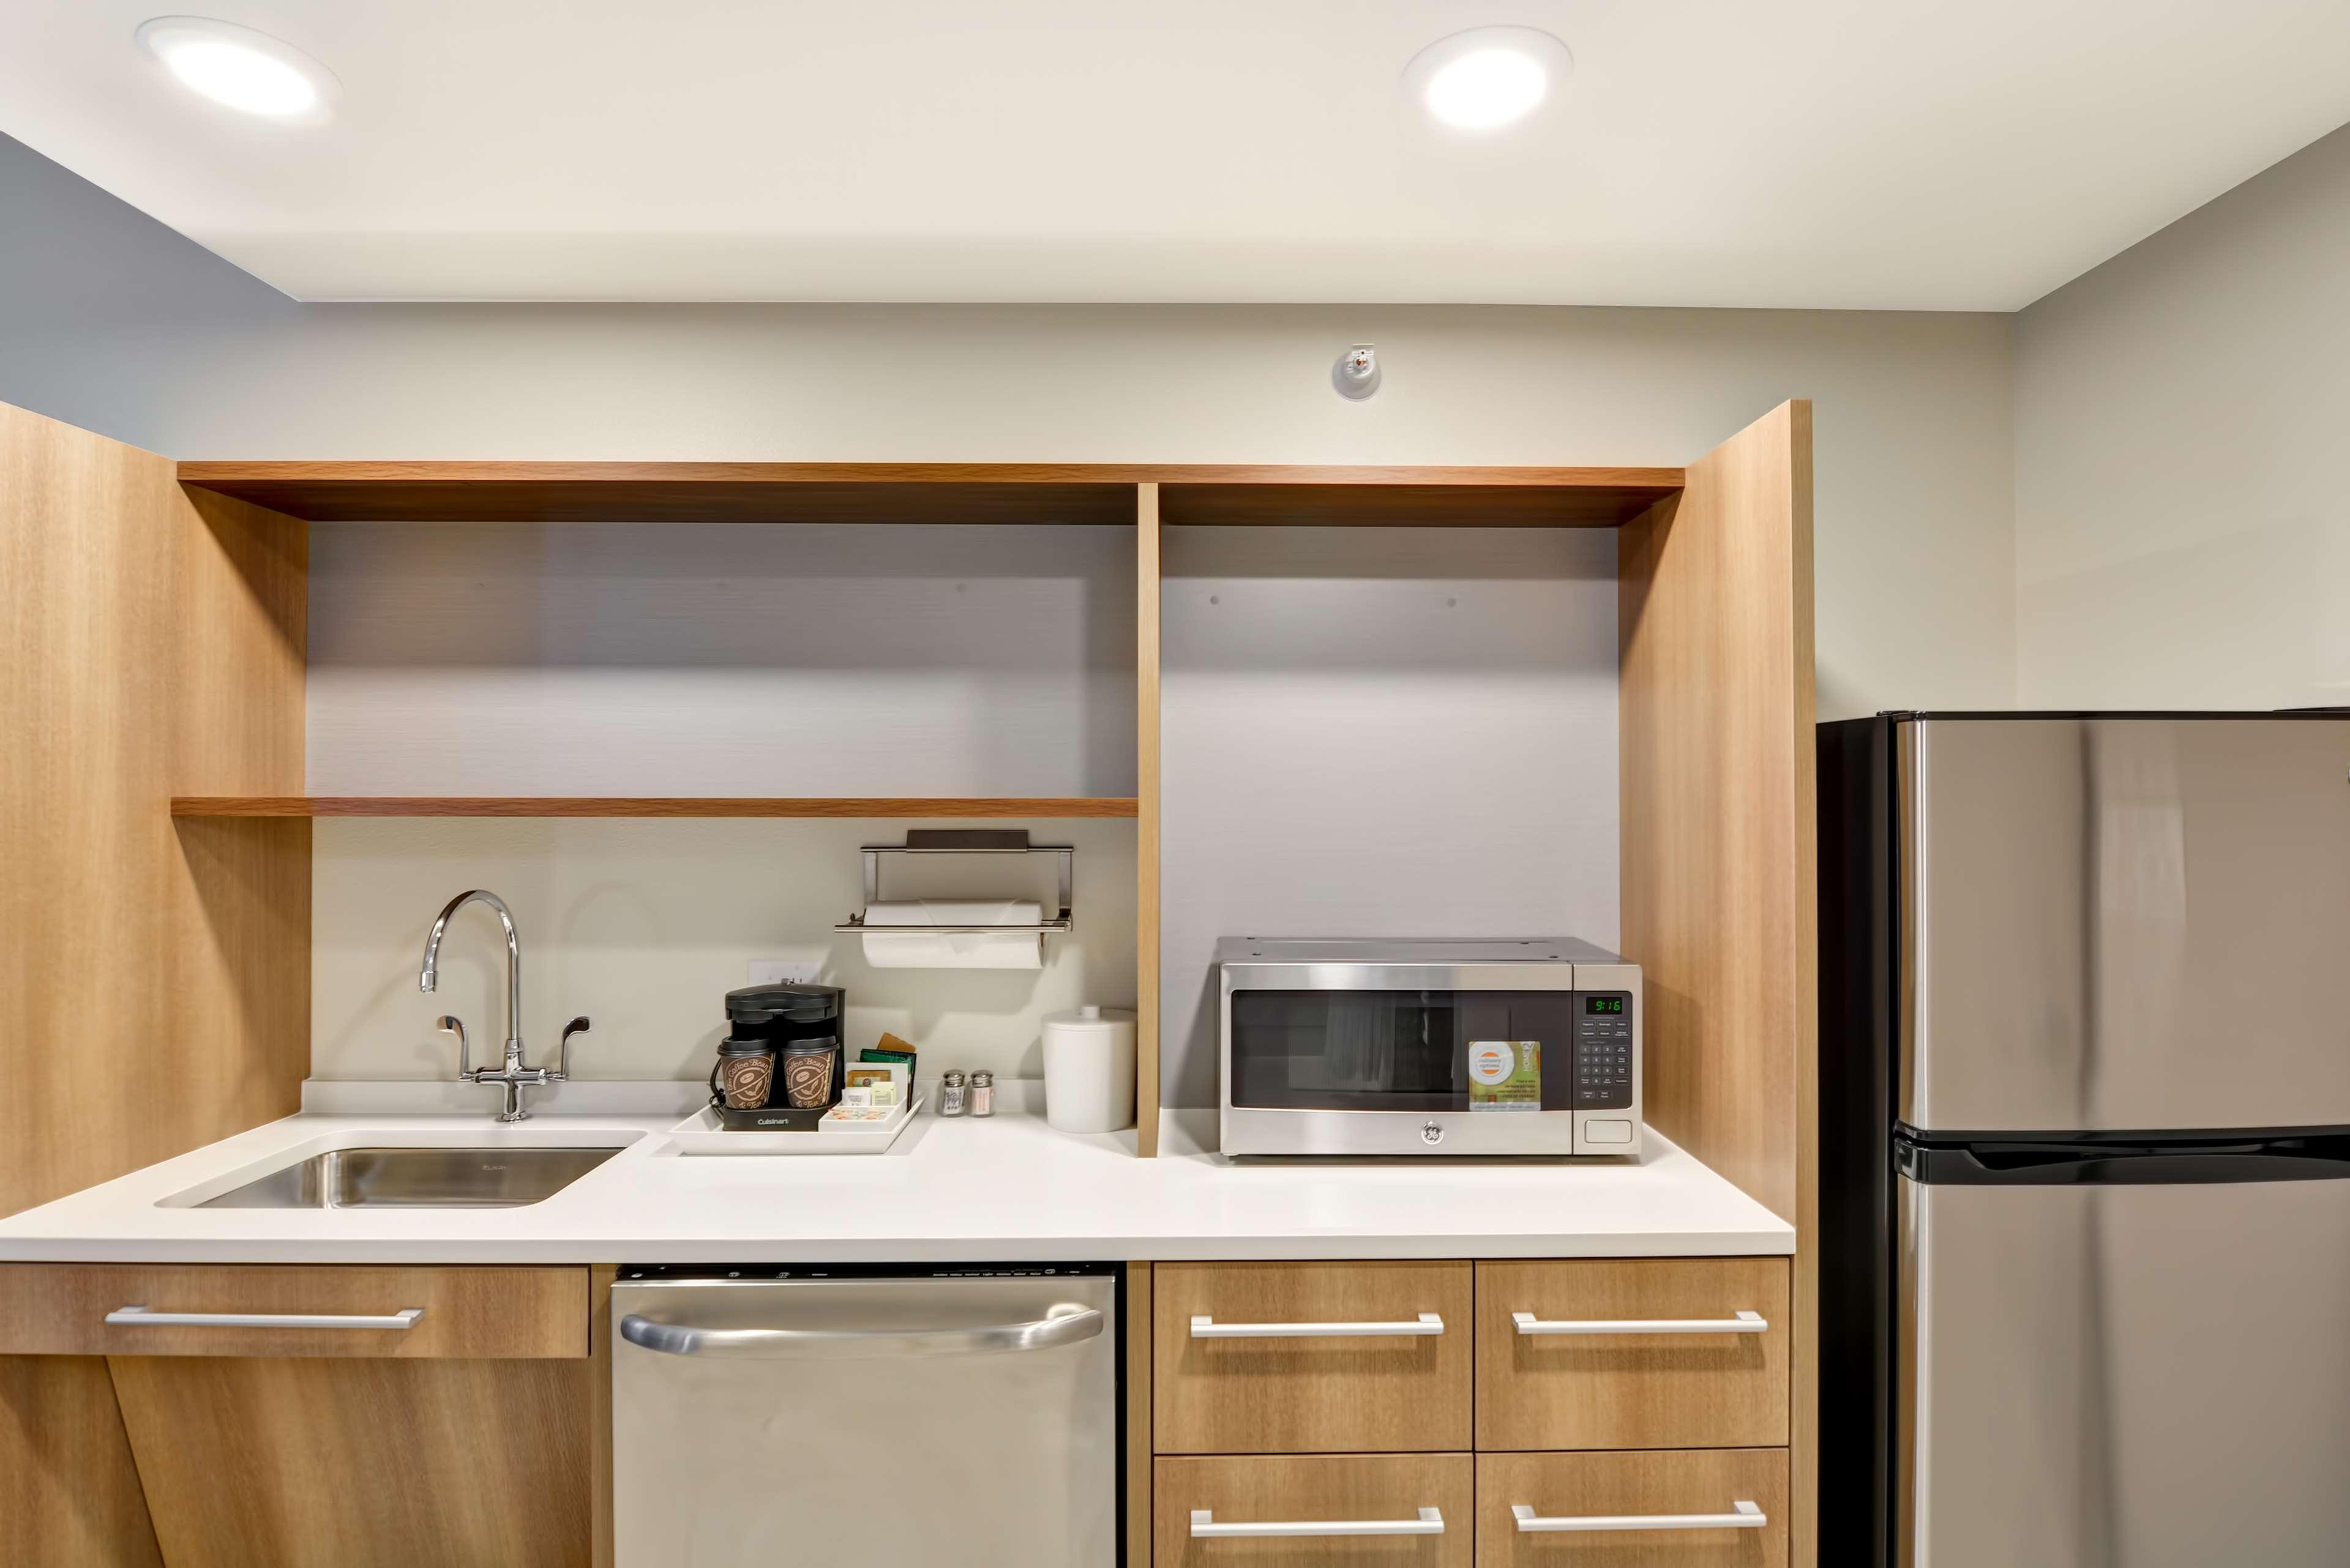 Home2 Suites by Hilton Lafayette image 16